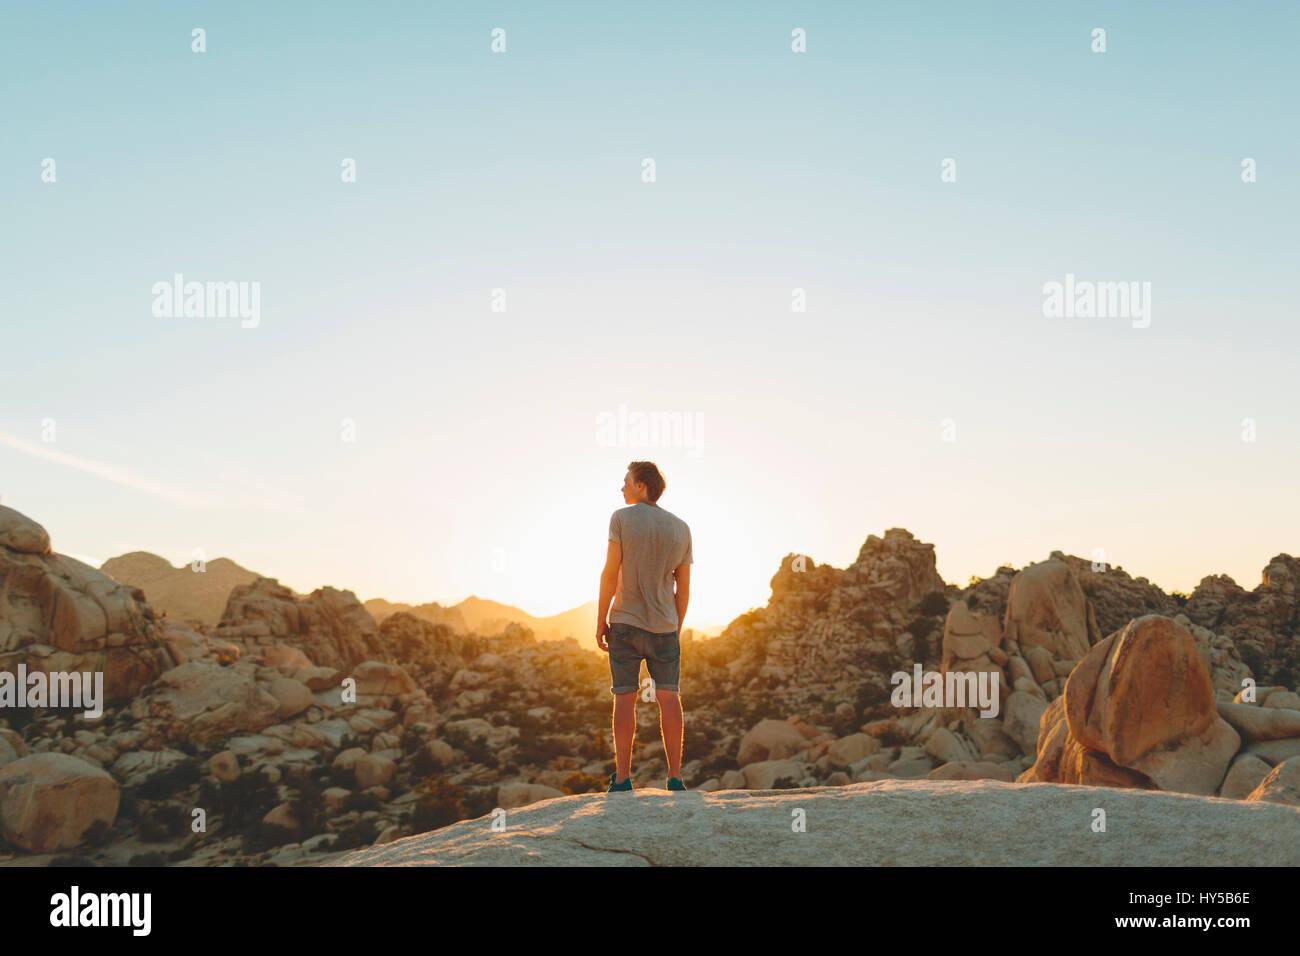 Stati Uniti, California, un uomo guarda vista nel parco nazionale di Joshua Tree Immagini Stock